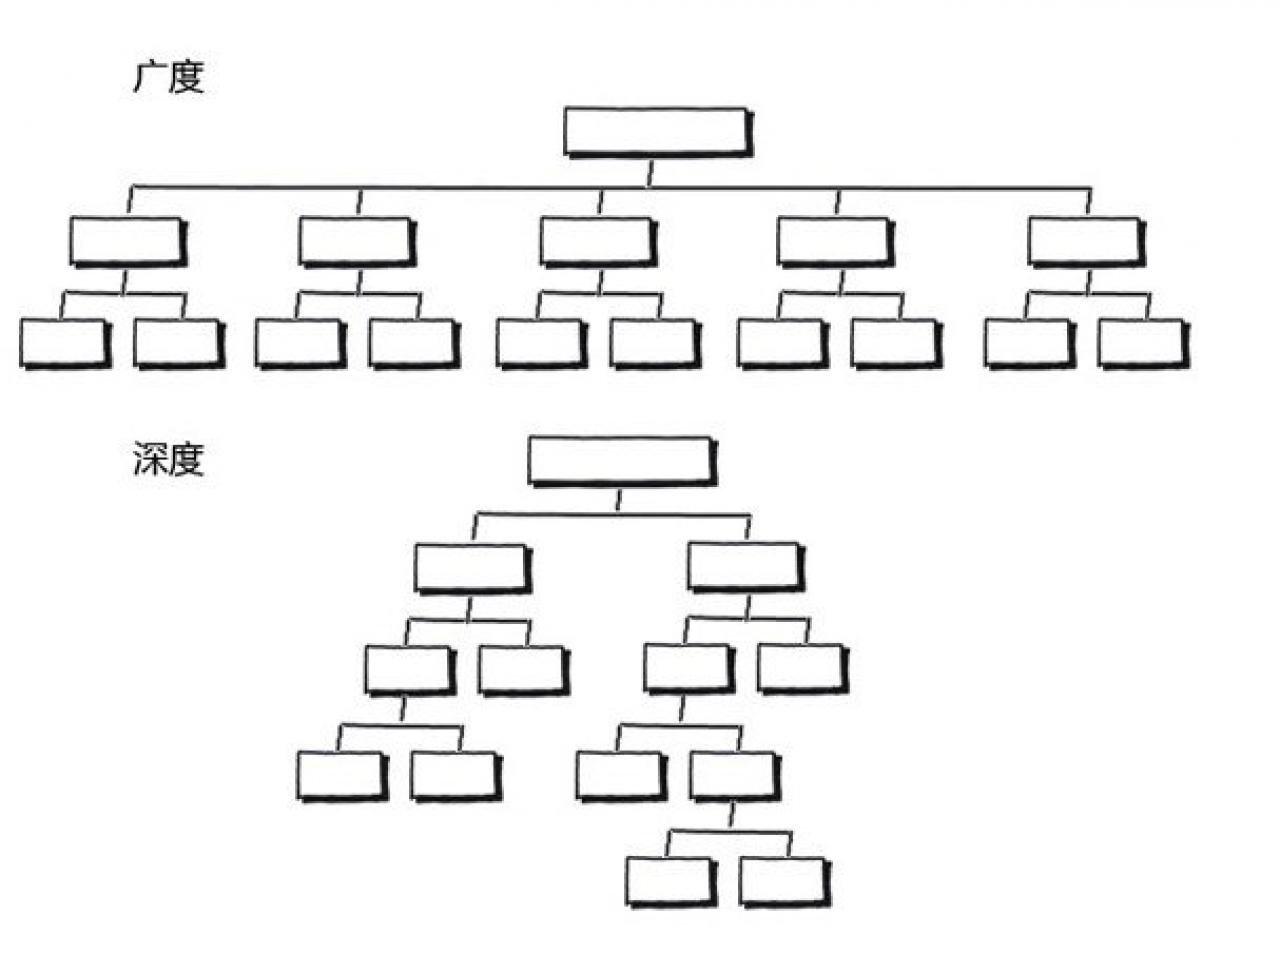 交互设计七大定律之7±2 法则